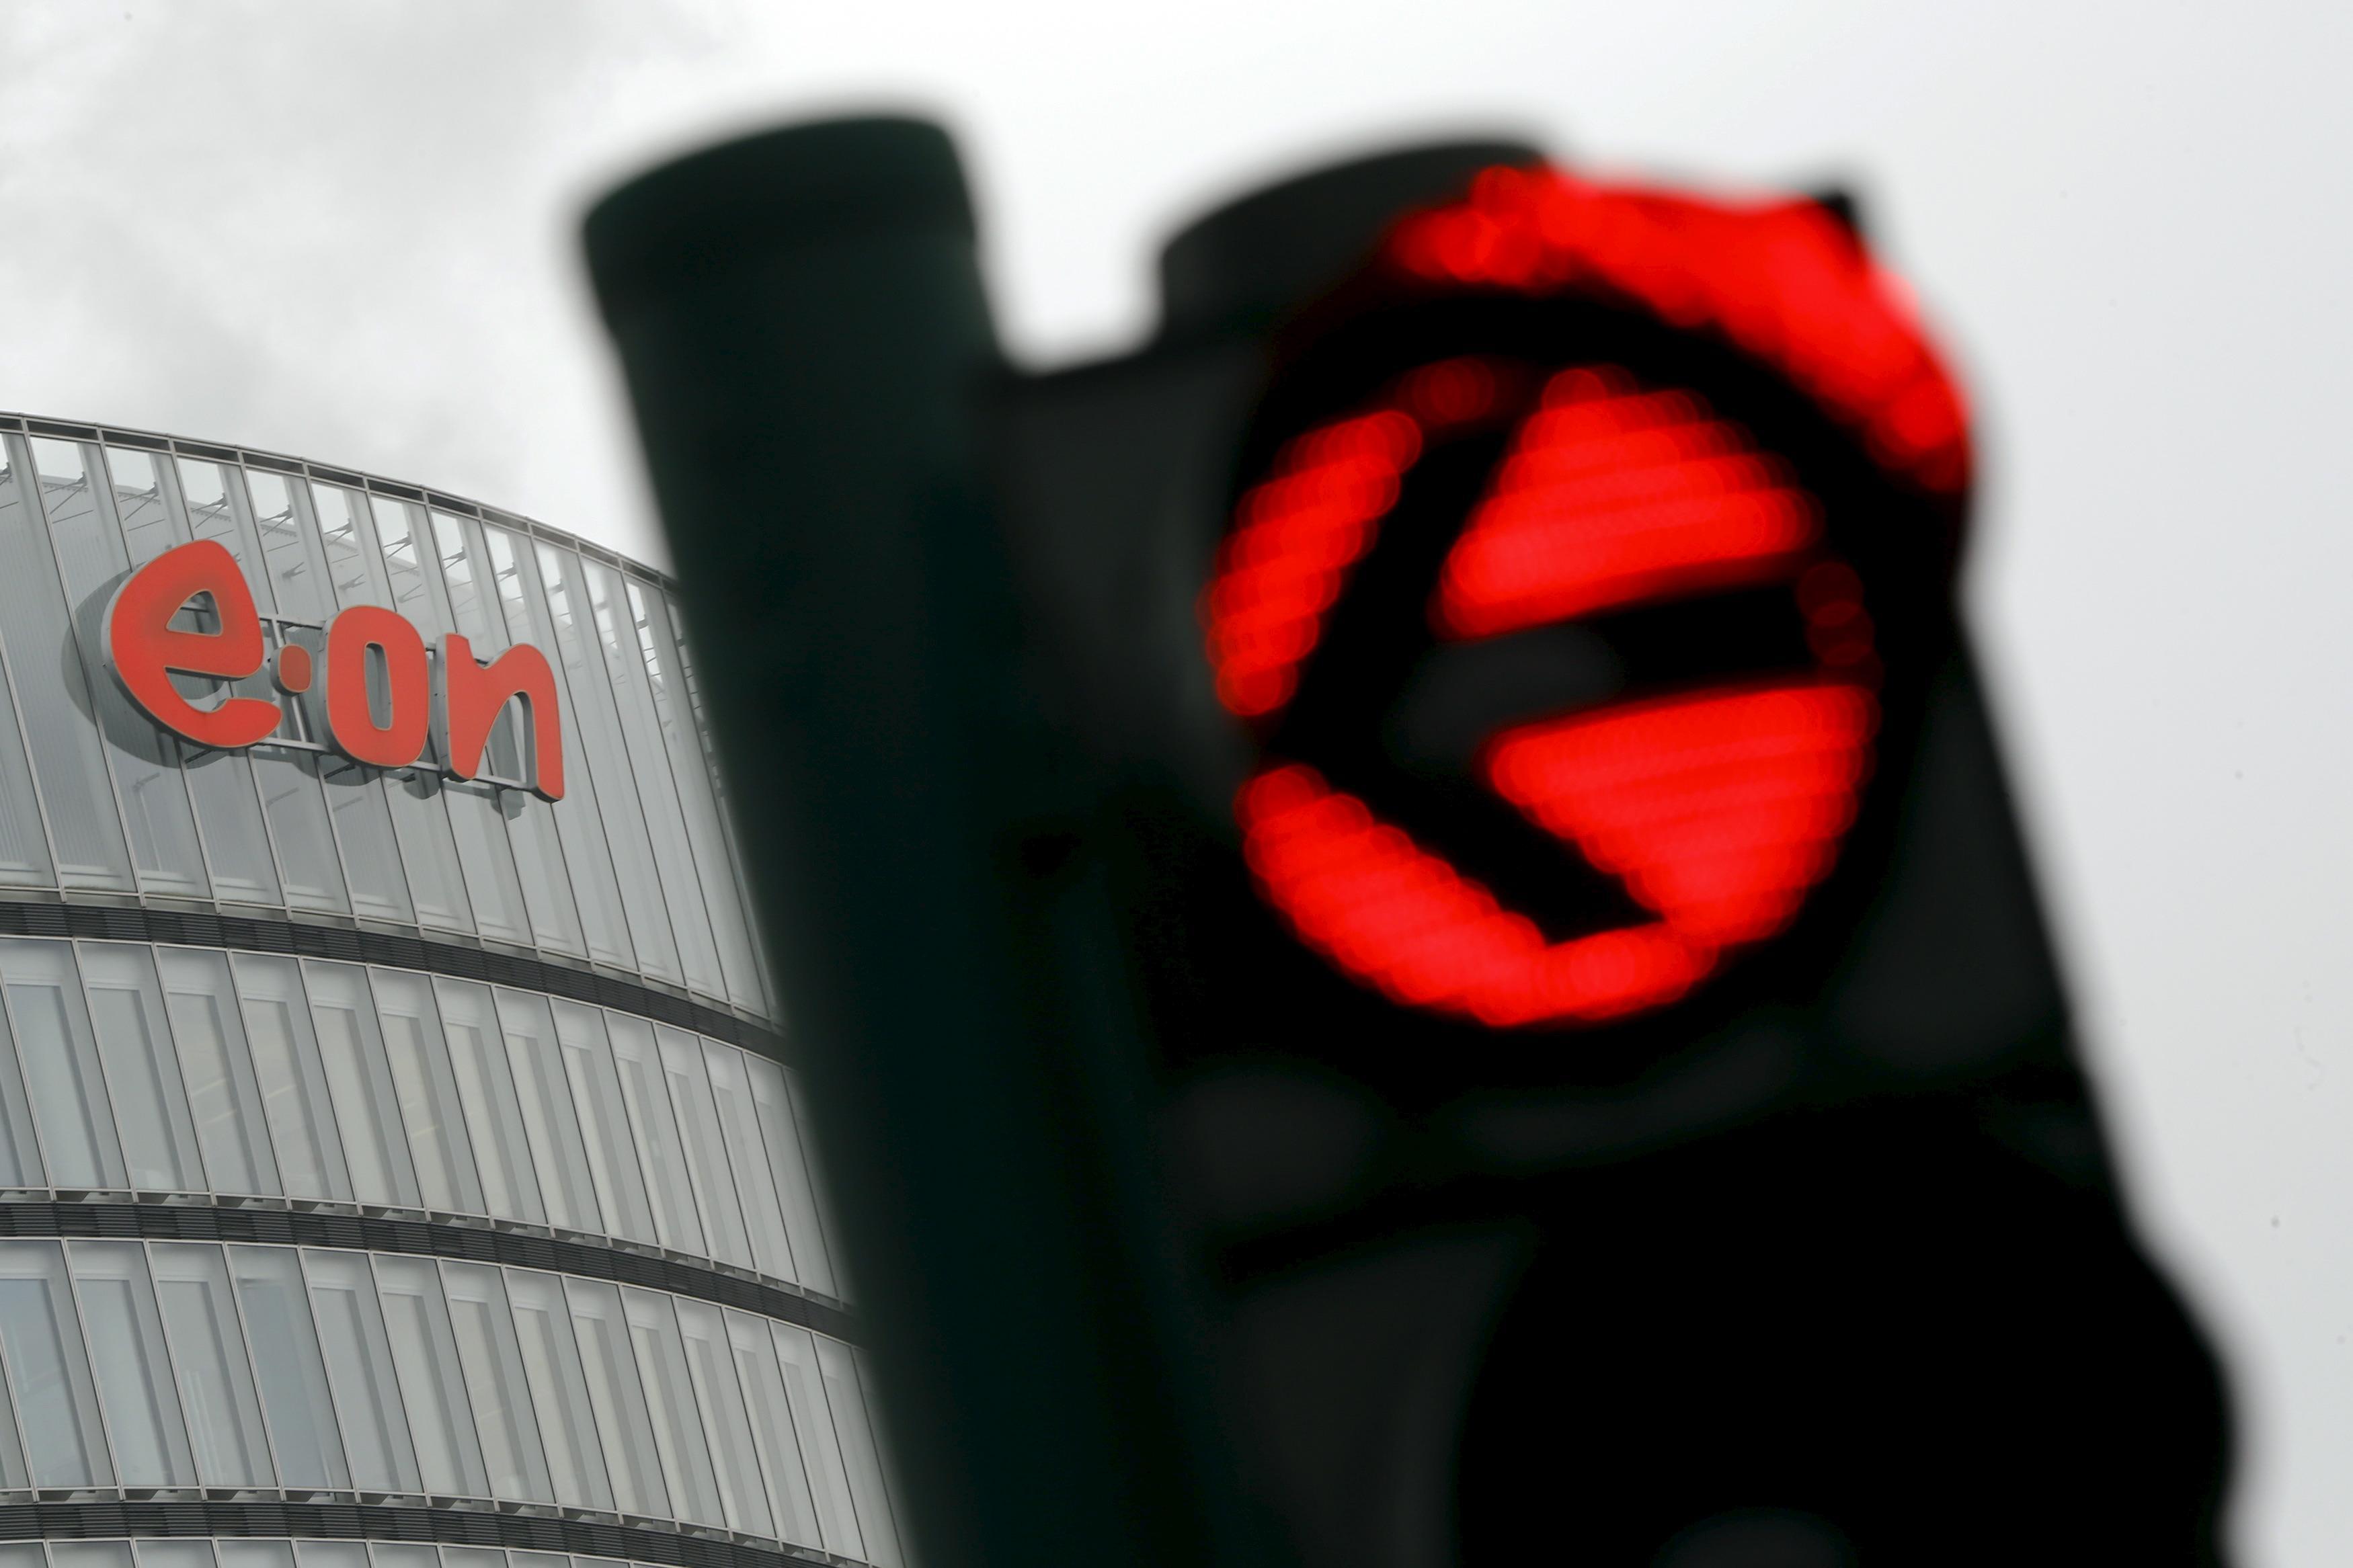 E.ON still sees value in Britain despite profit drop